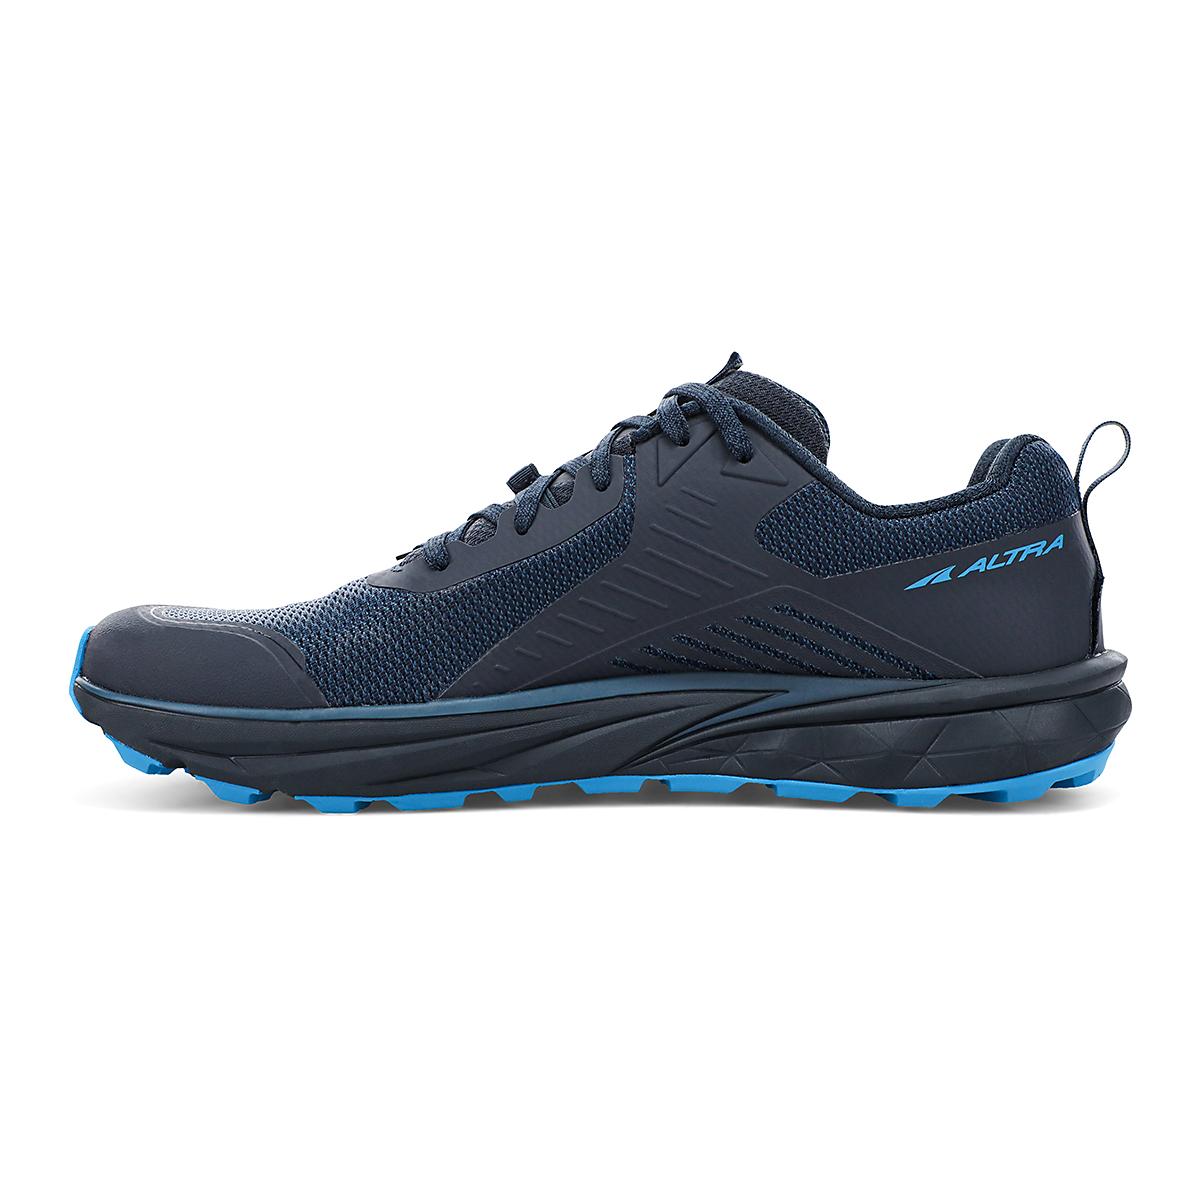 Men's Altra Timp 3 Trail Running Shoe - Color: Dark Blue - Size: 7 - Width: Regular, Dark Blue, large, image 2